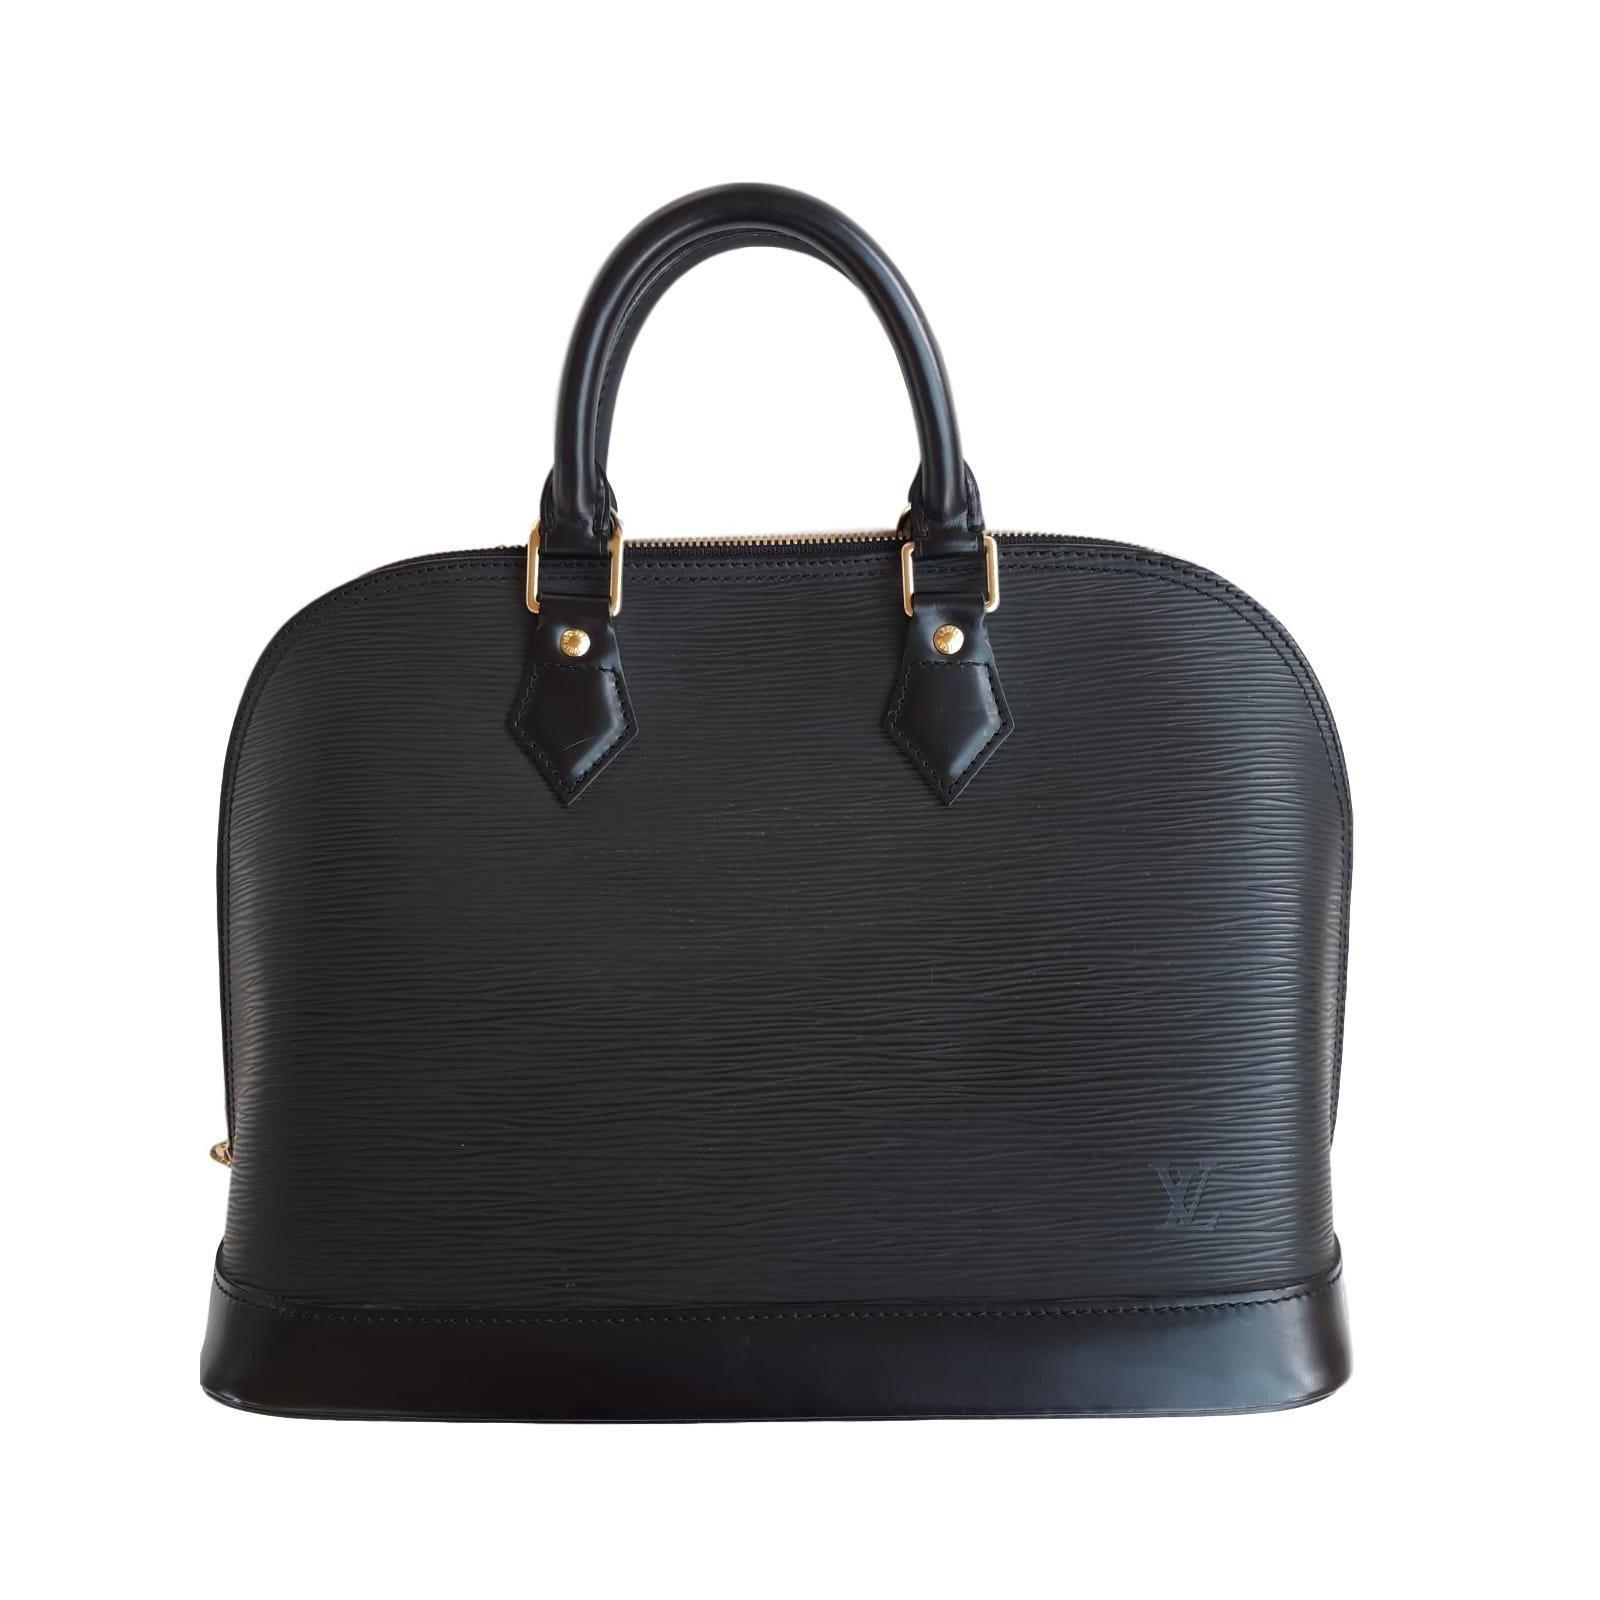 57dcdba7ab9e Louis Vuitton